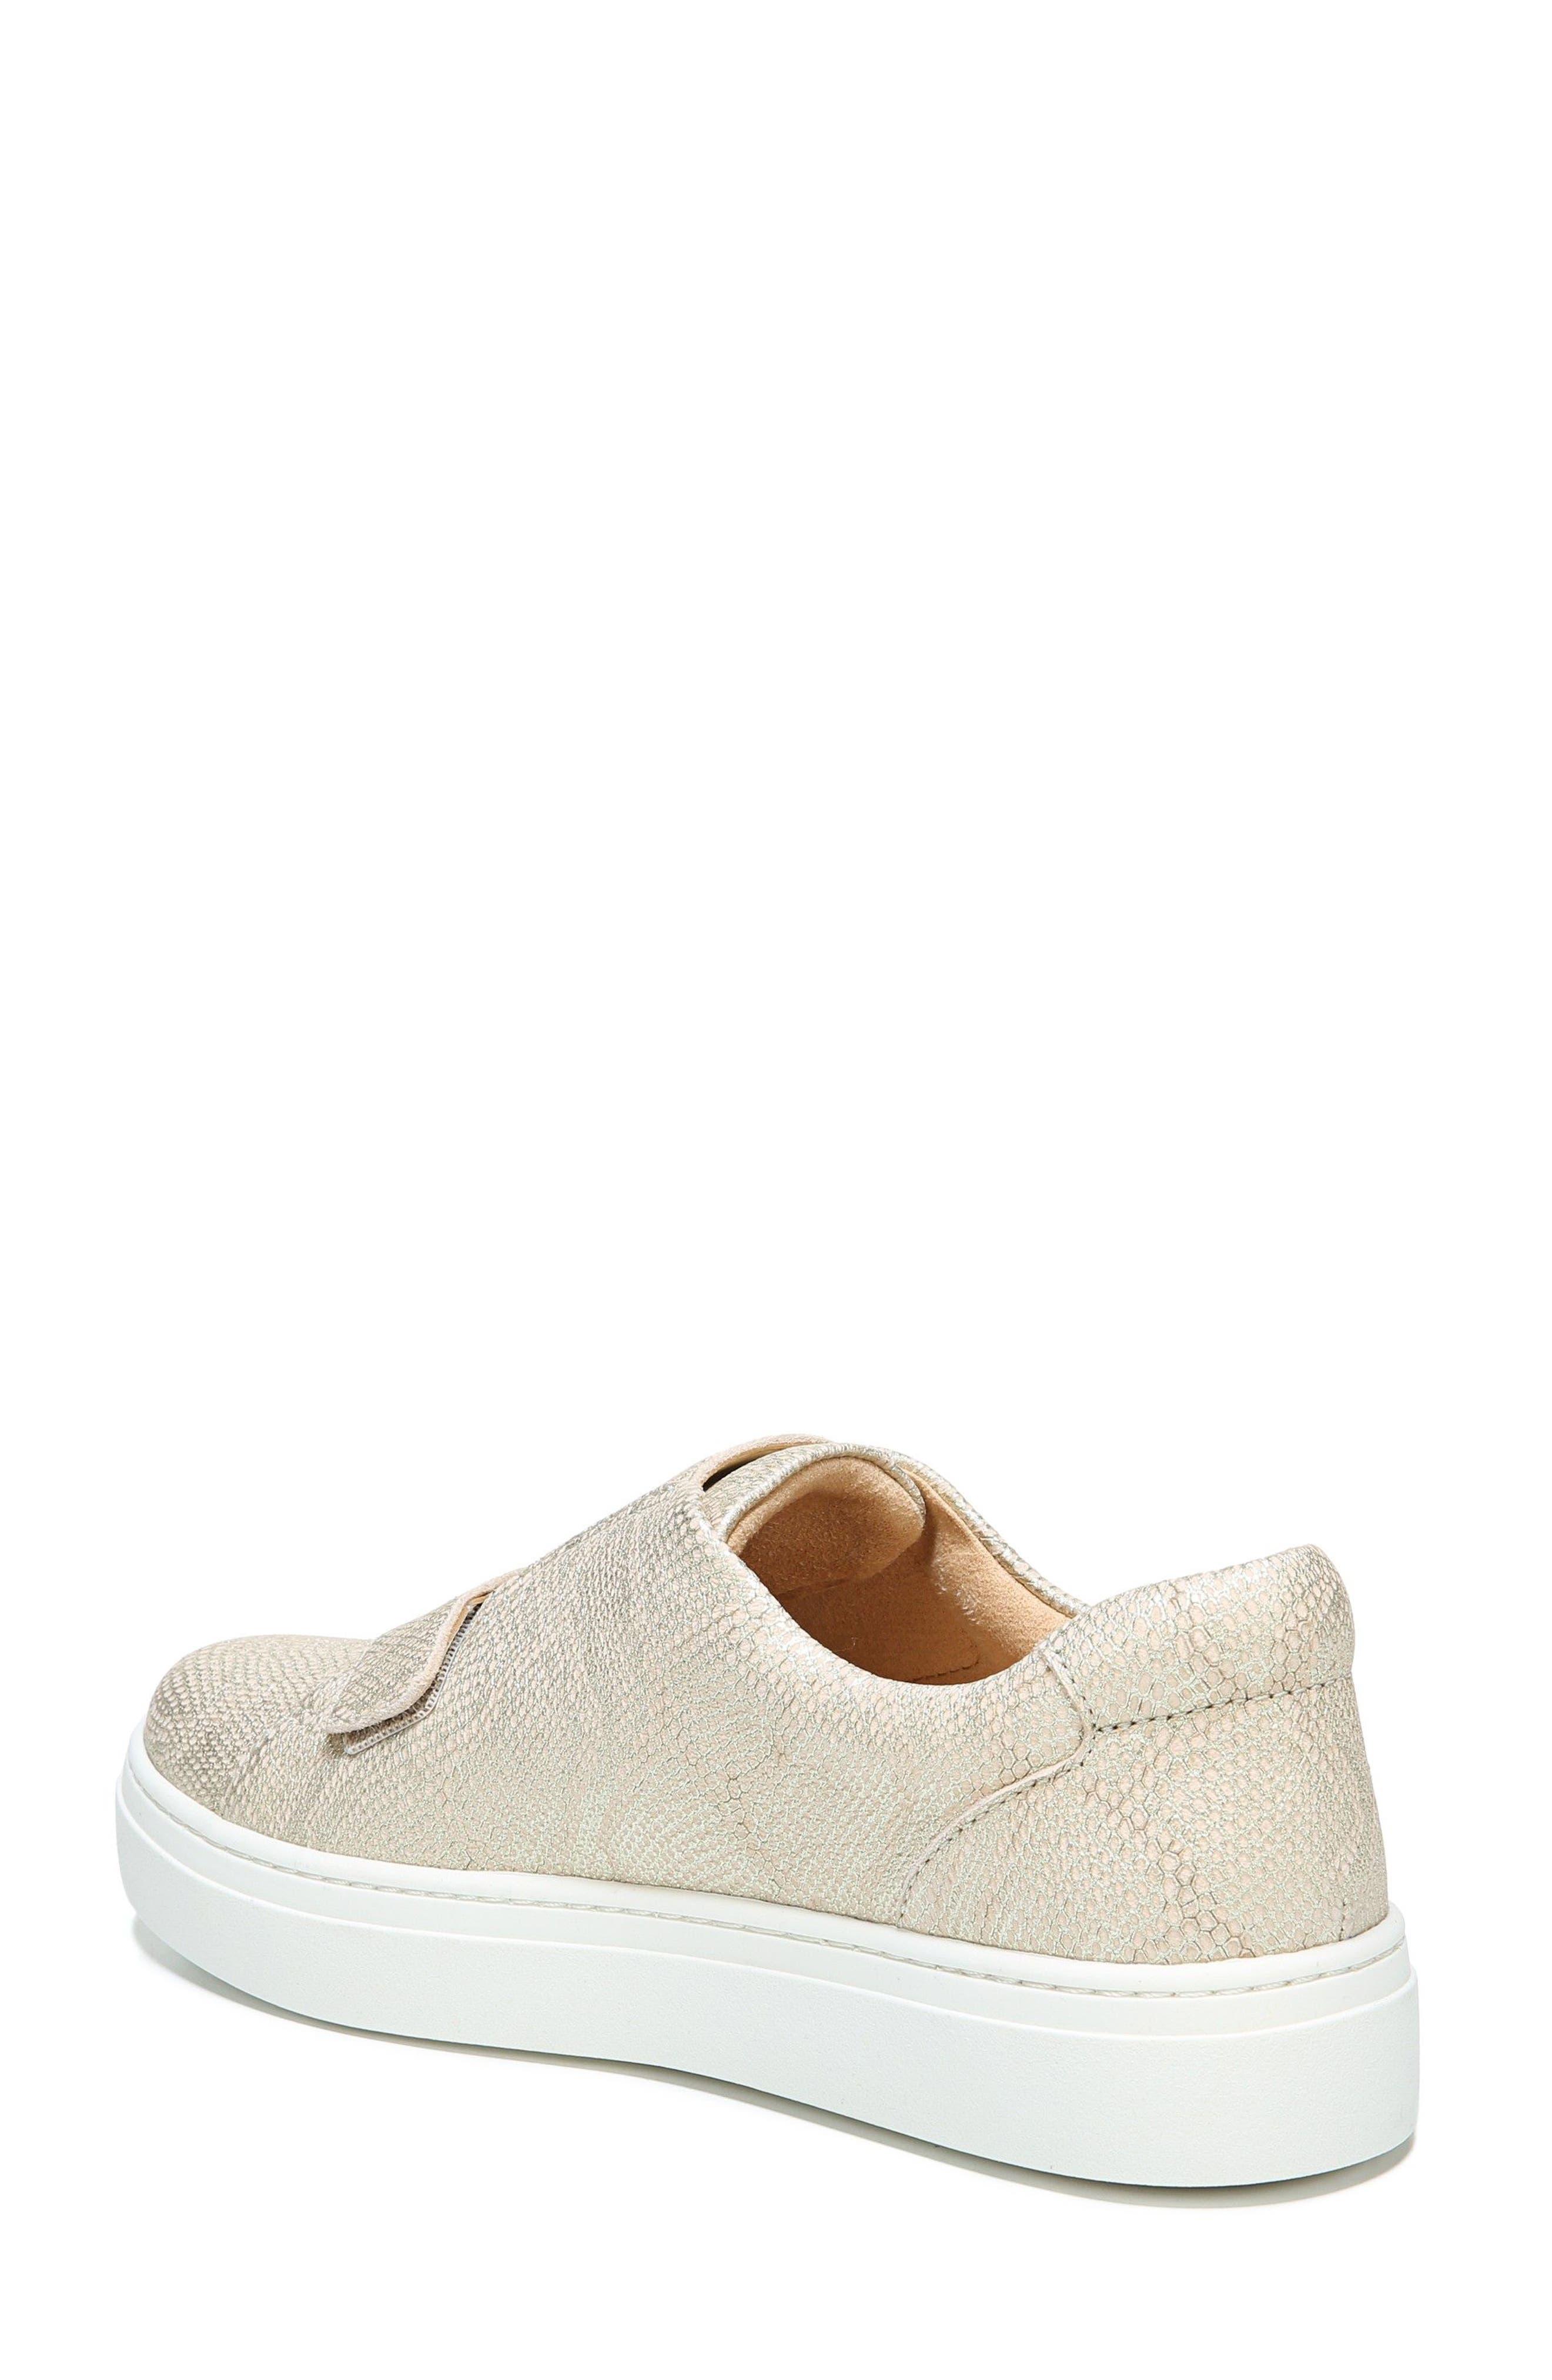 Charlie Slip-On Sneaker,                             Alternate thumbnail 5, color,